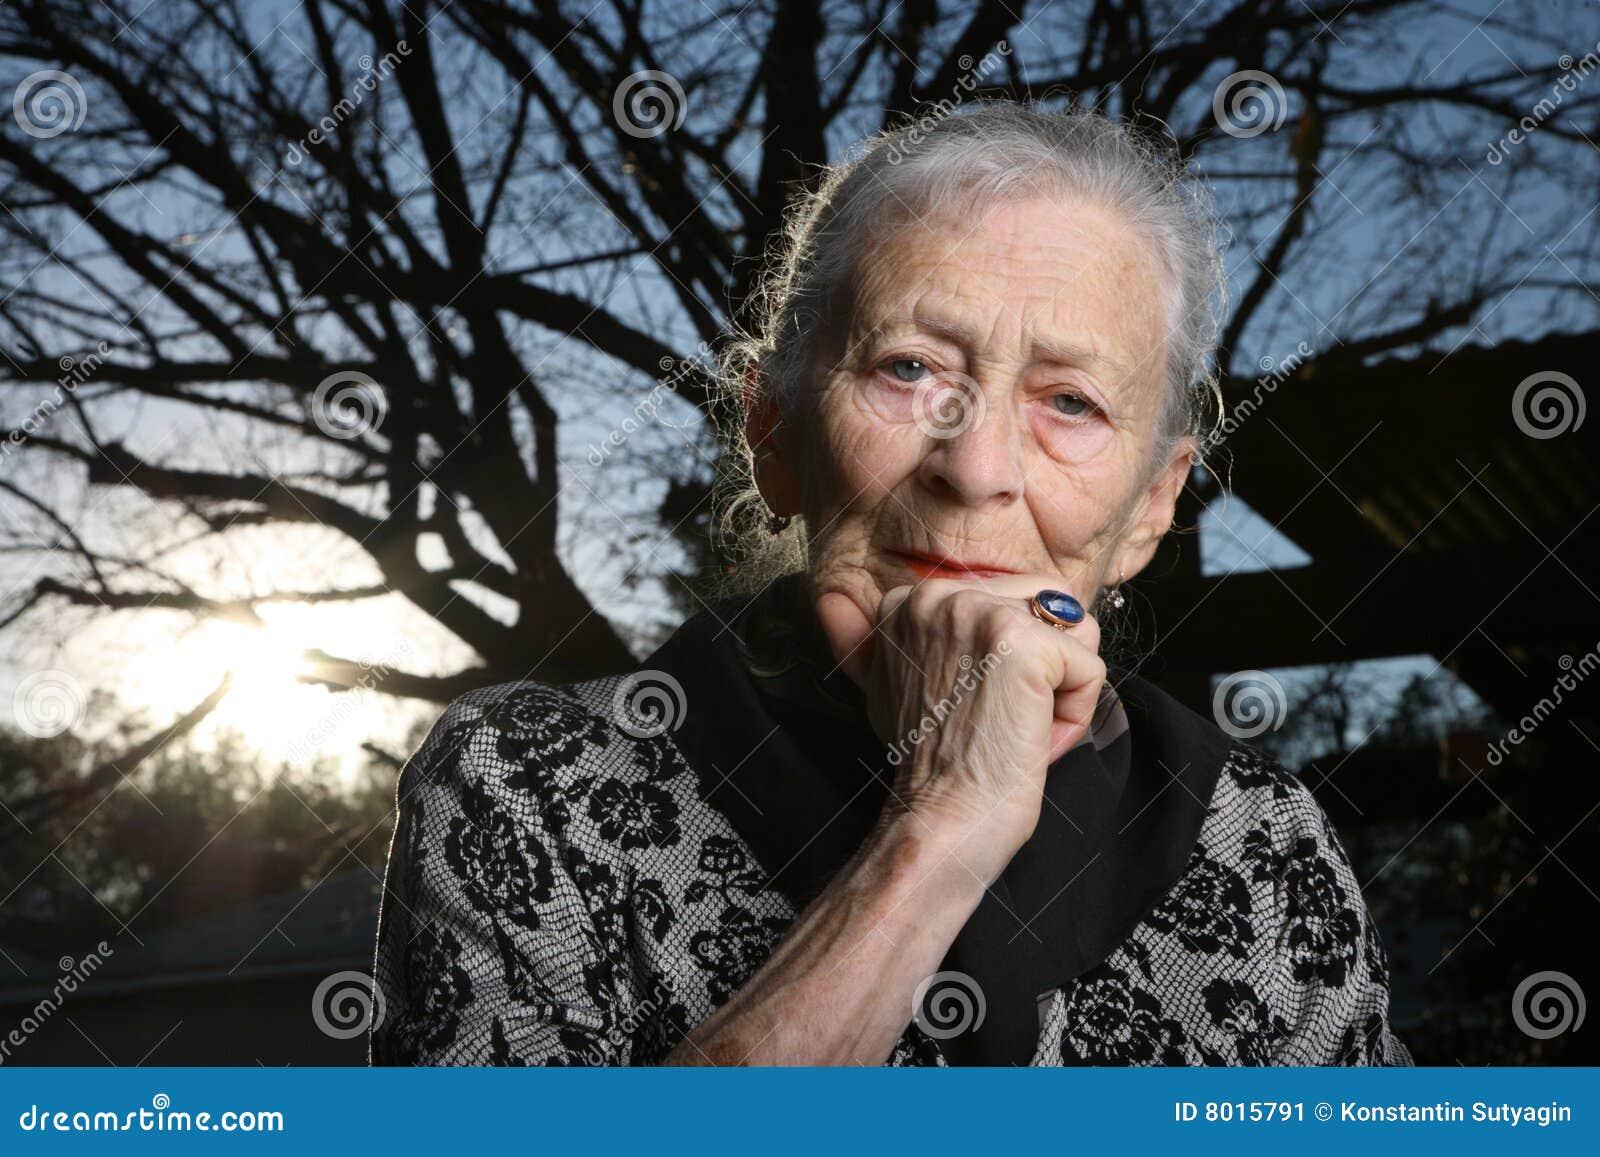 Русские пожилые мамаши 4 фотография